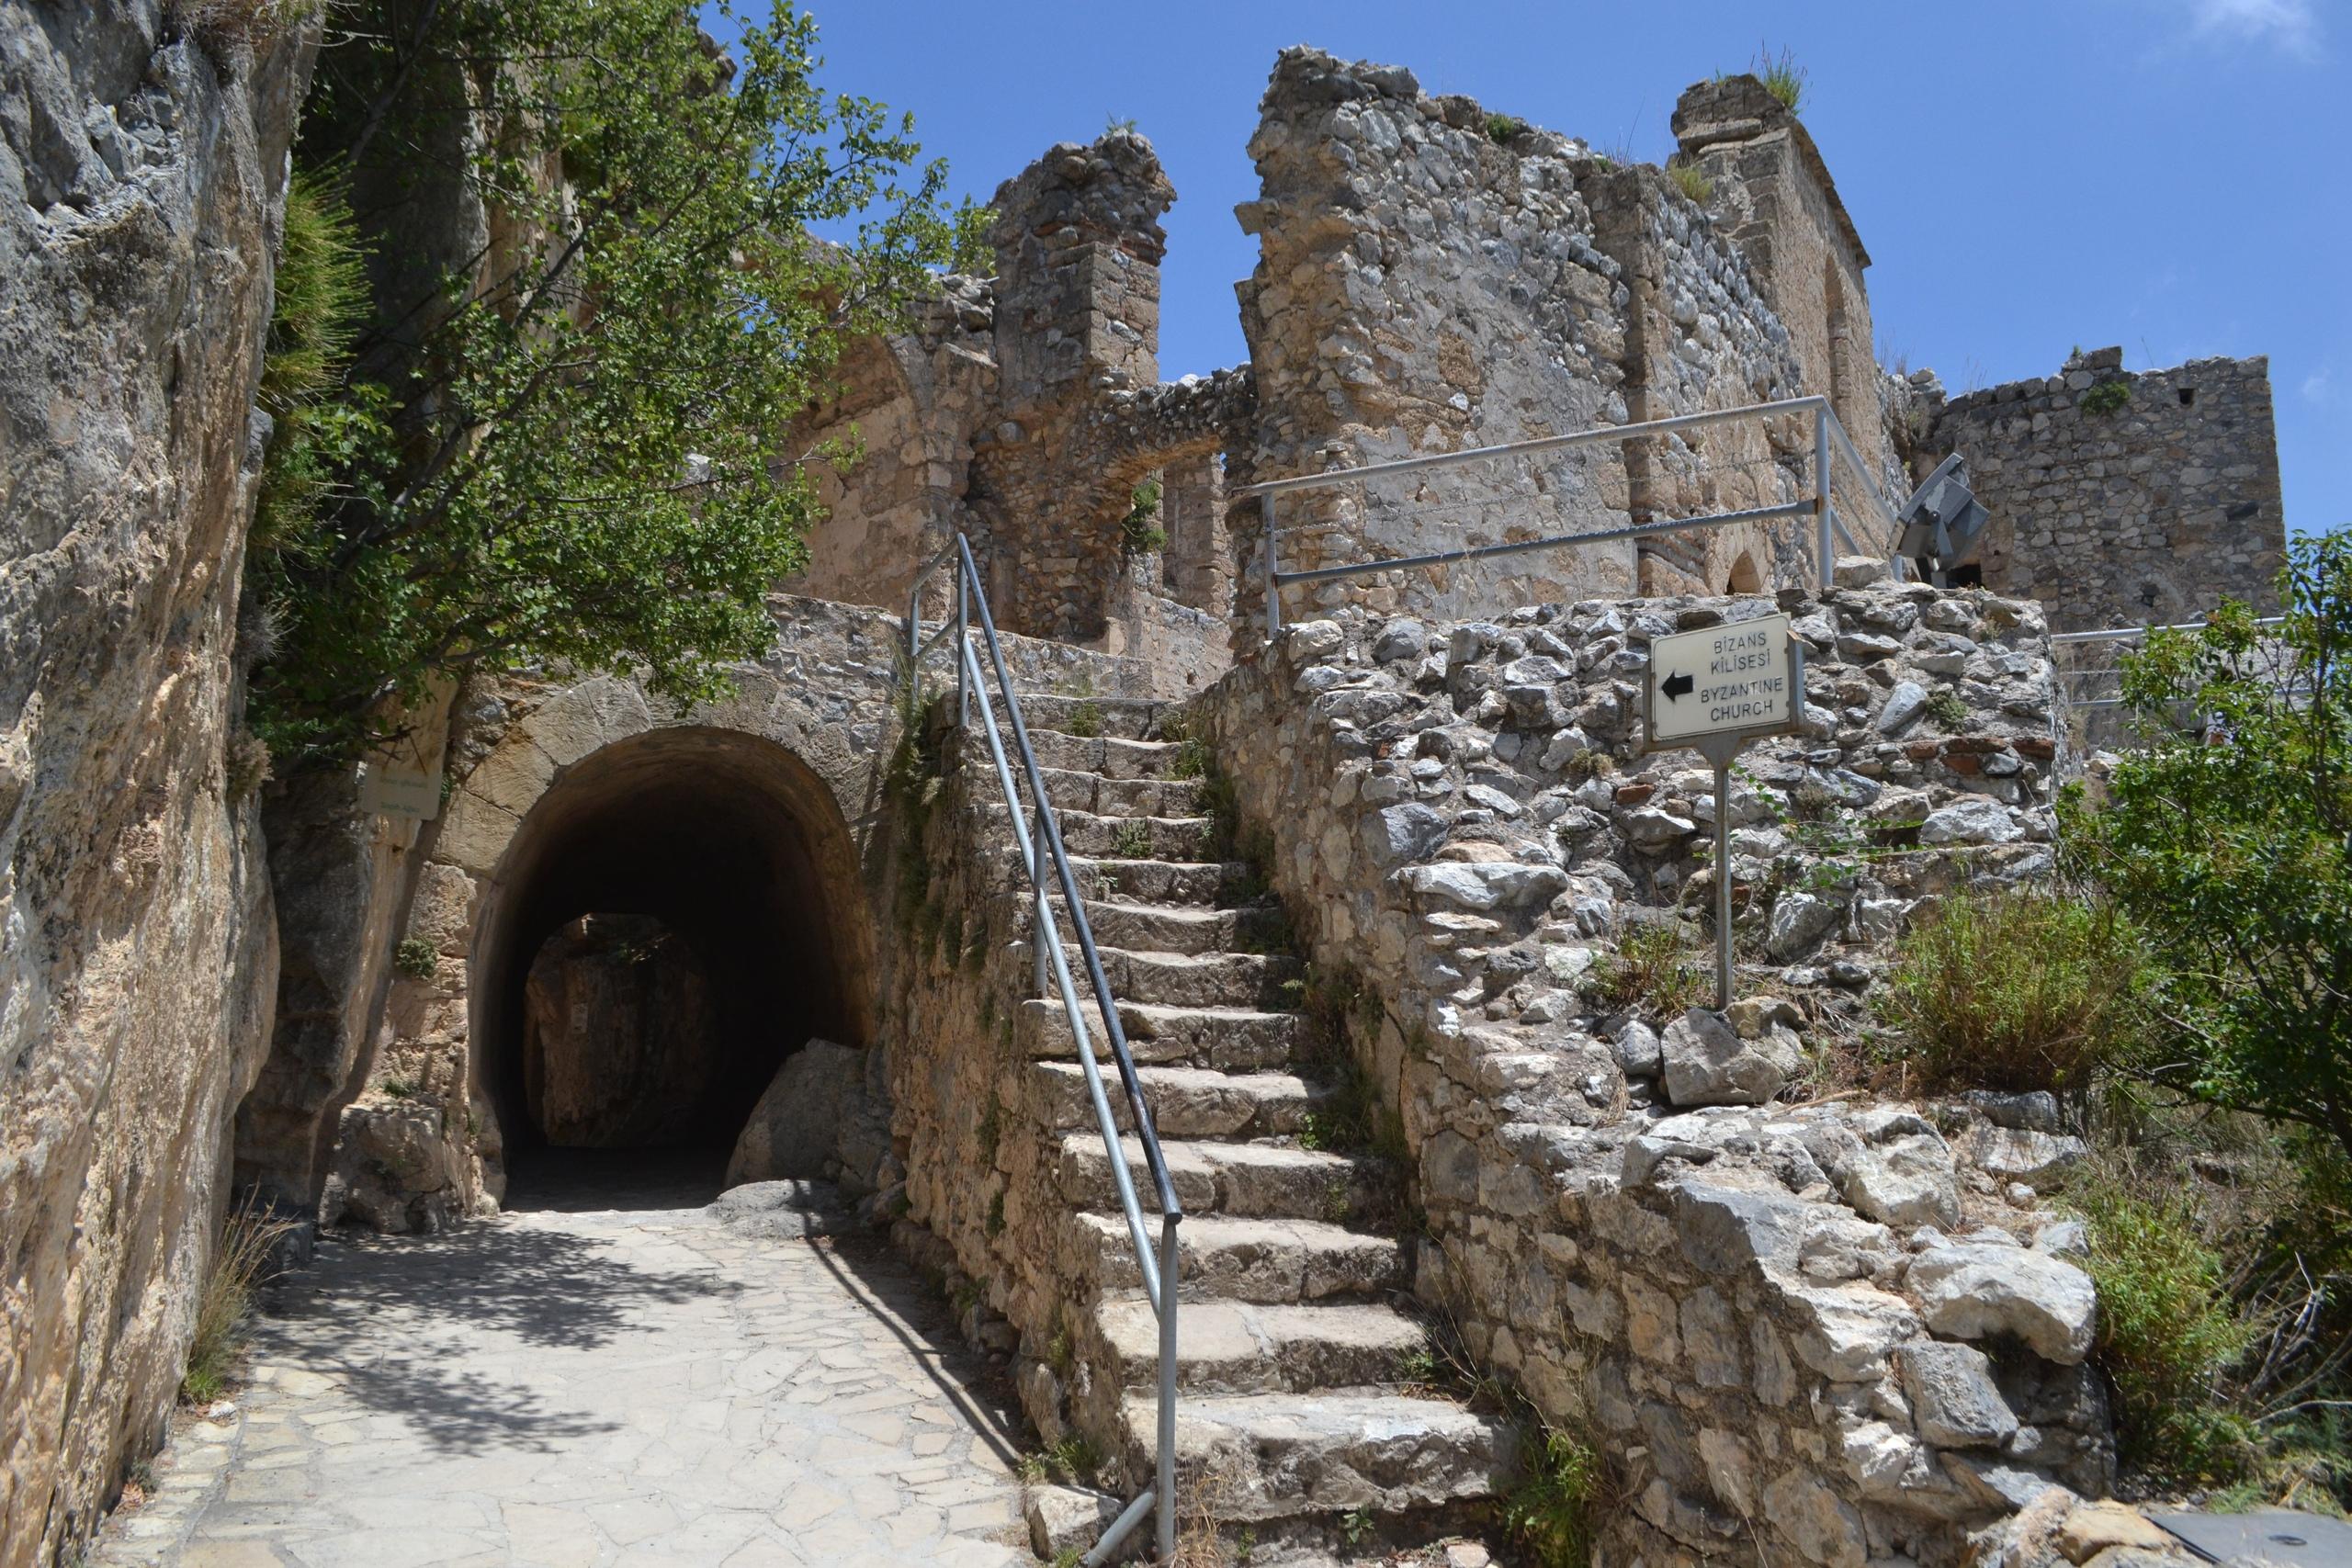 Северный Кипр. Замок Святого Иллариона. (фото). IYrm0uaMTMs